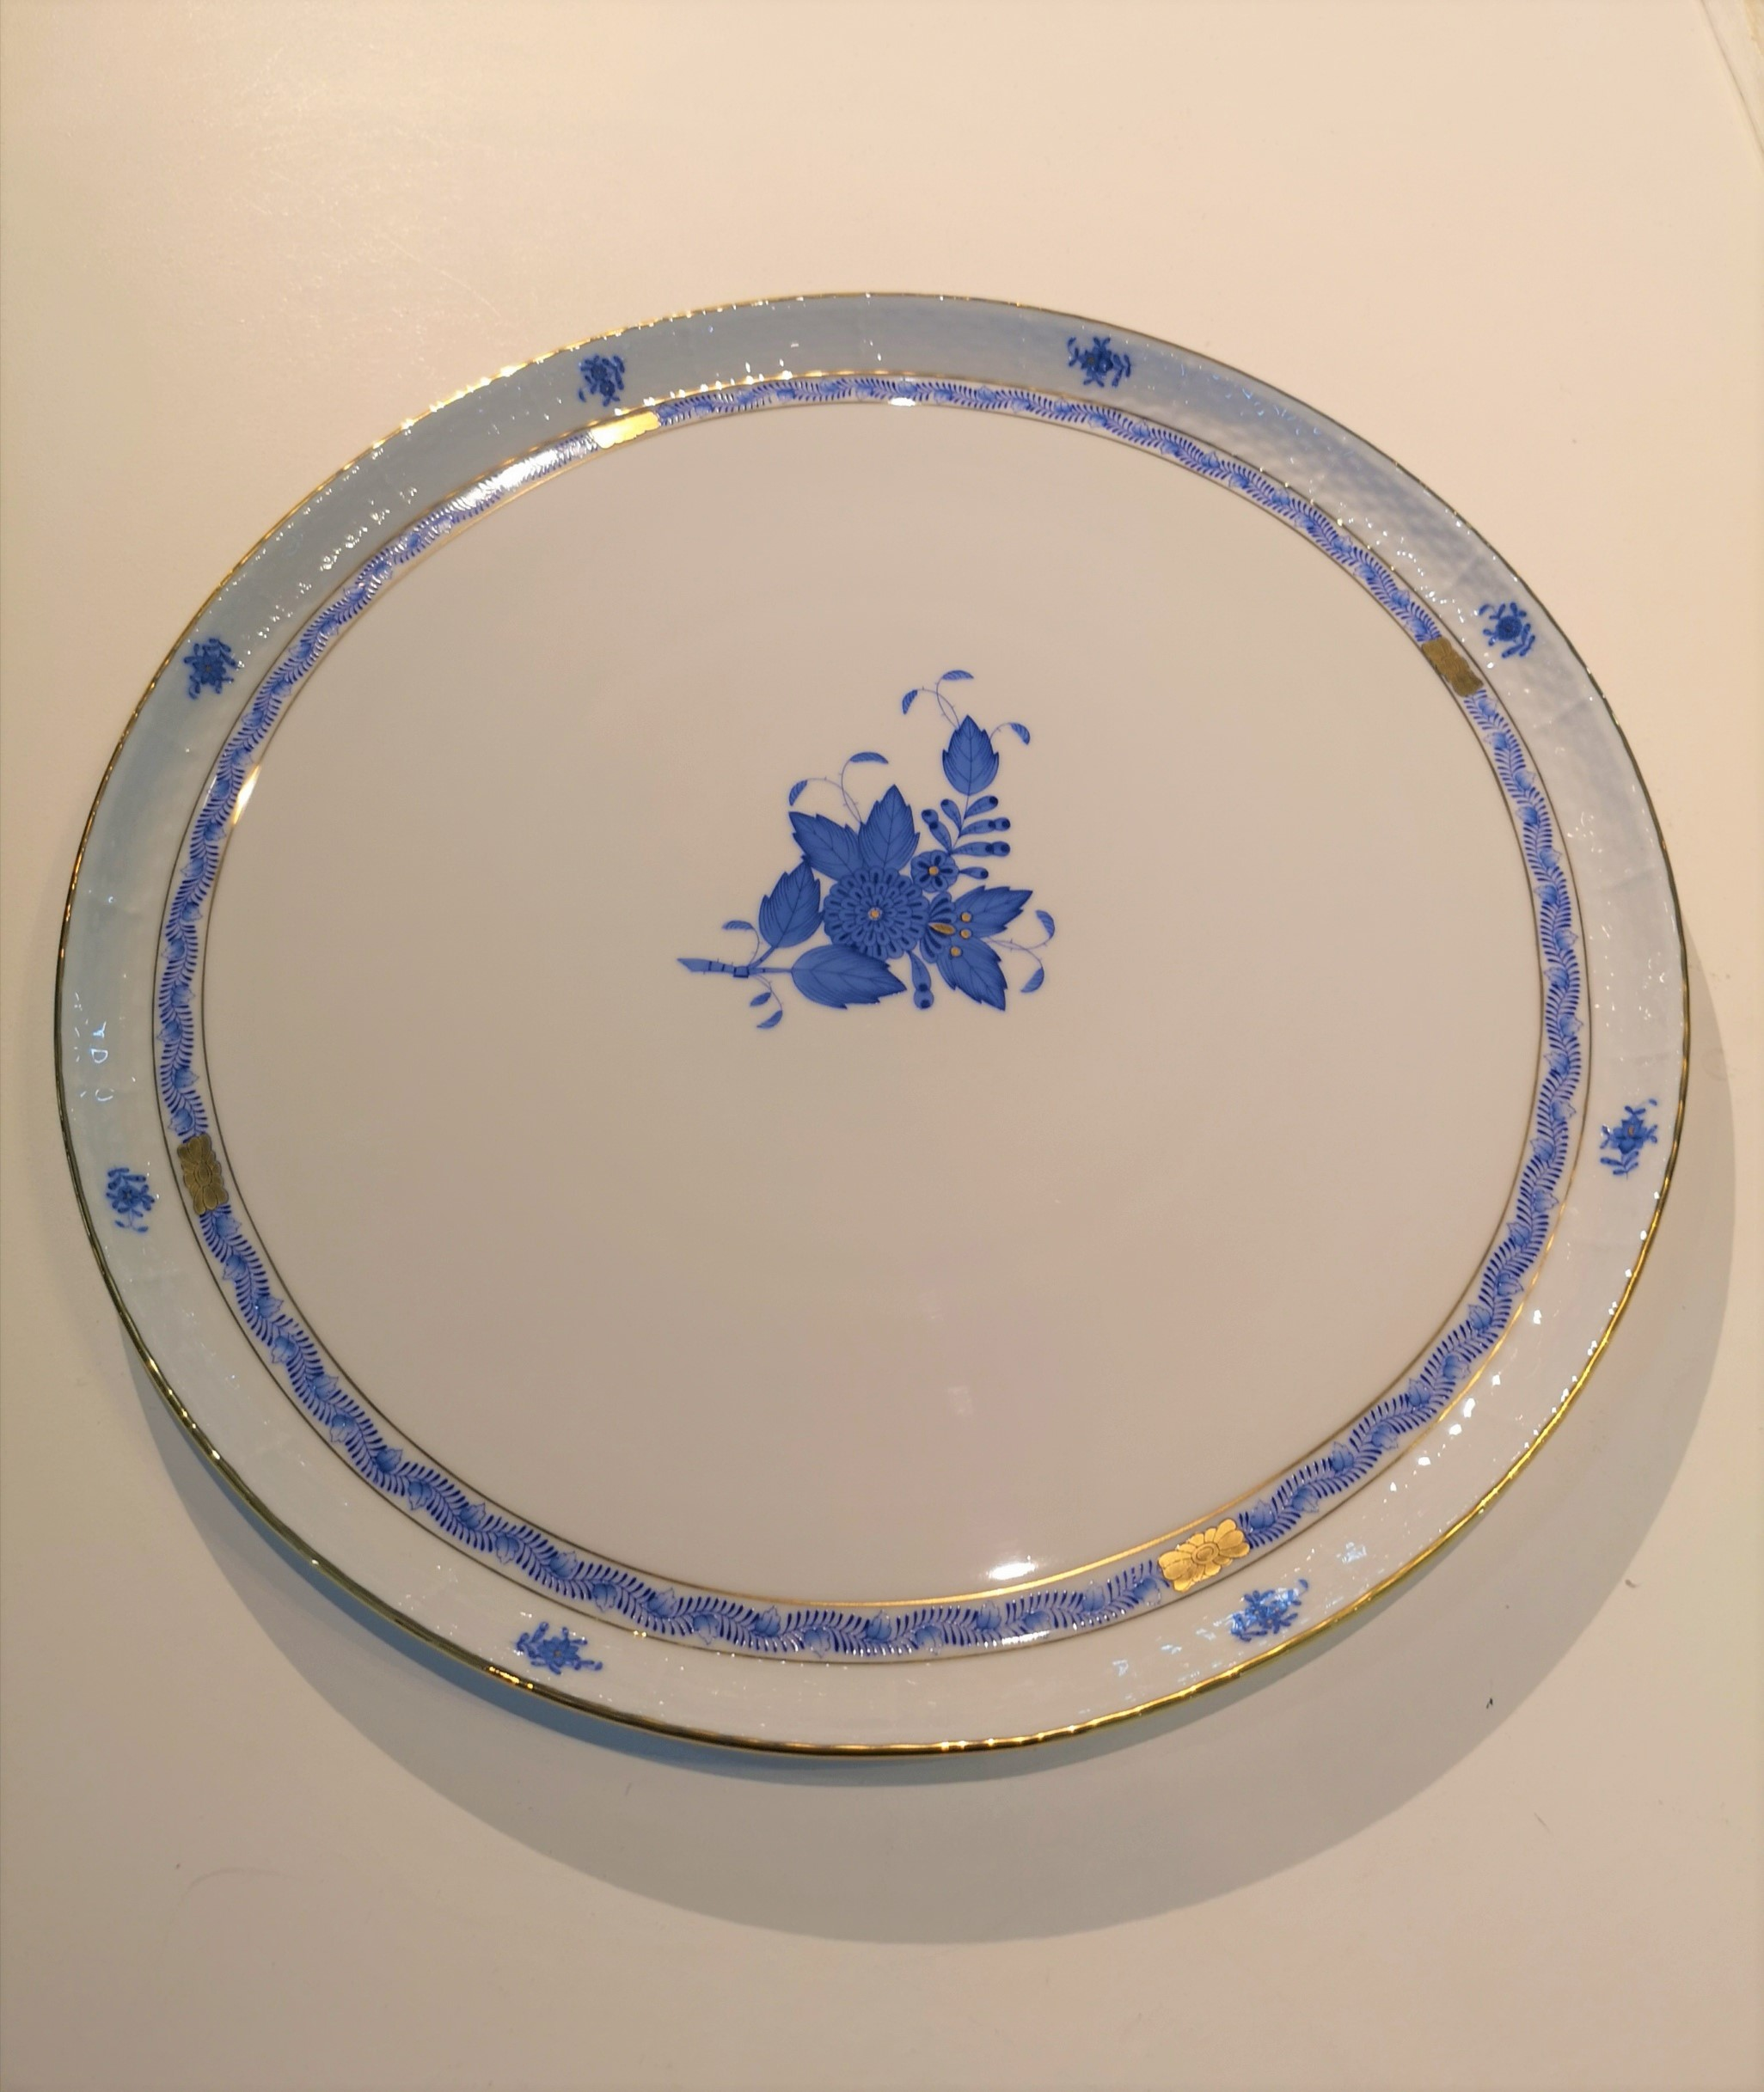 Piatto torta Appony azzurro